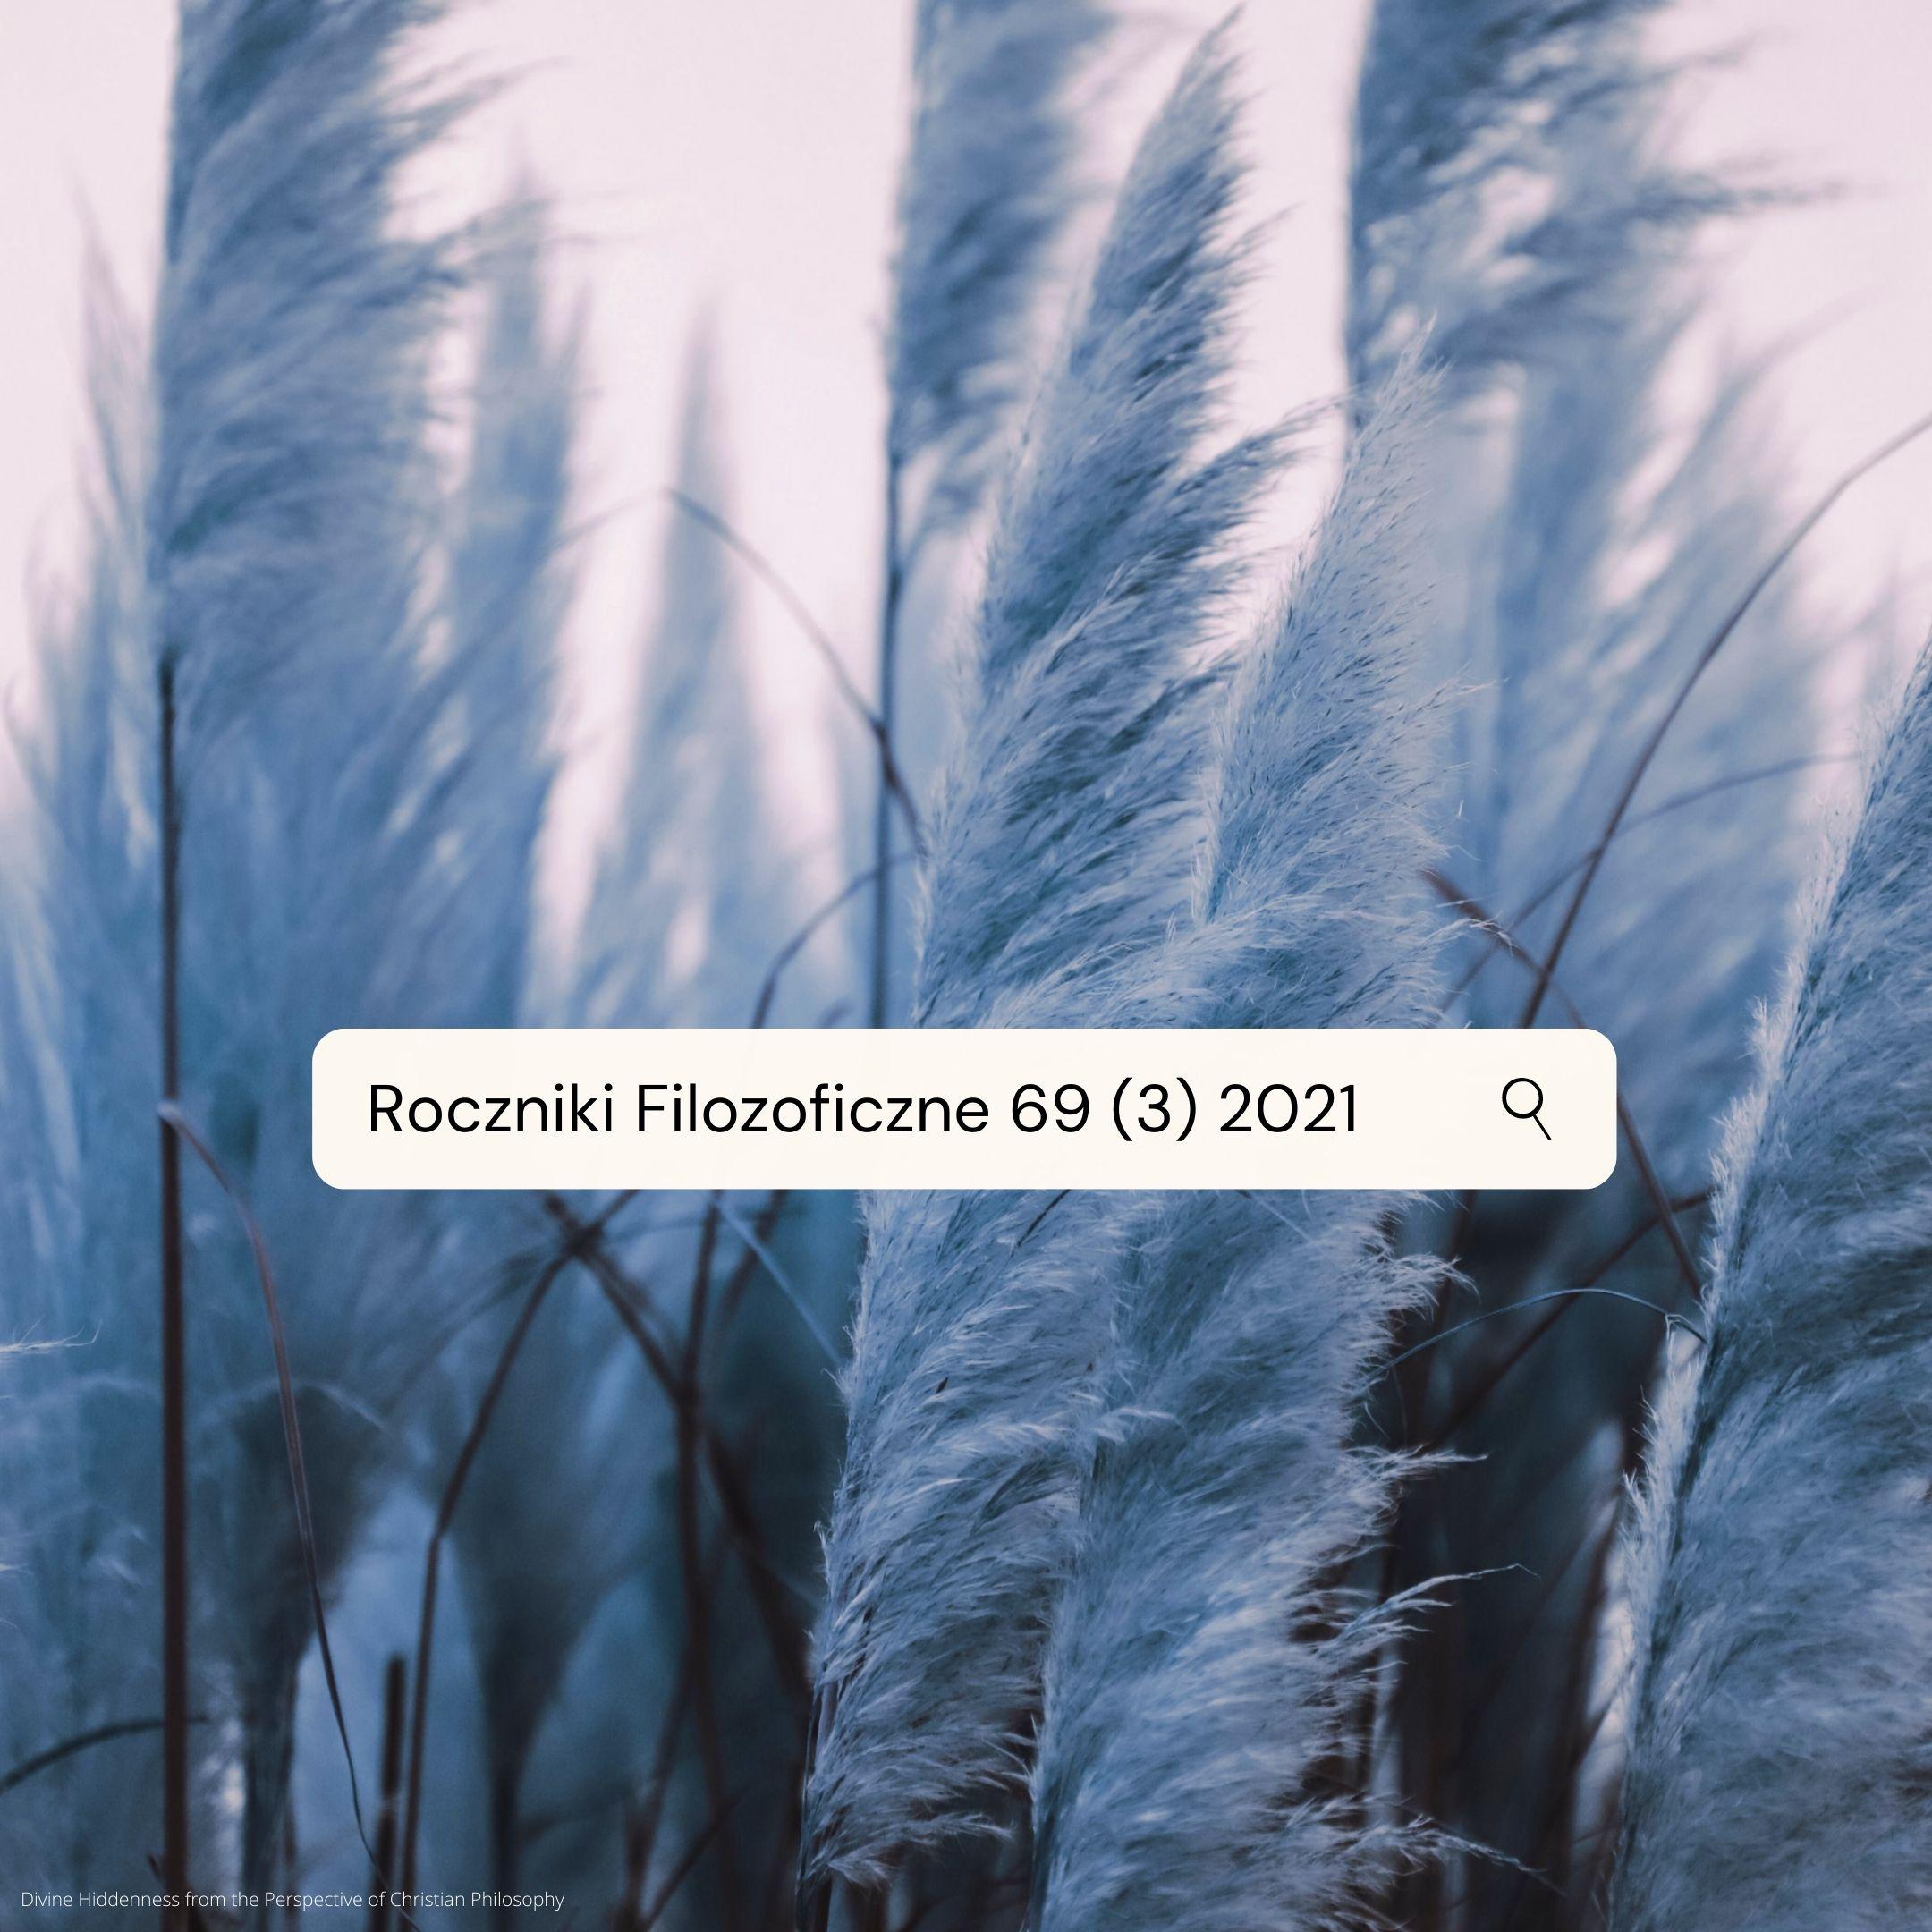 2021 roczniki filozoficzne 69 3